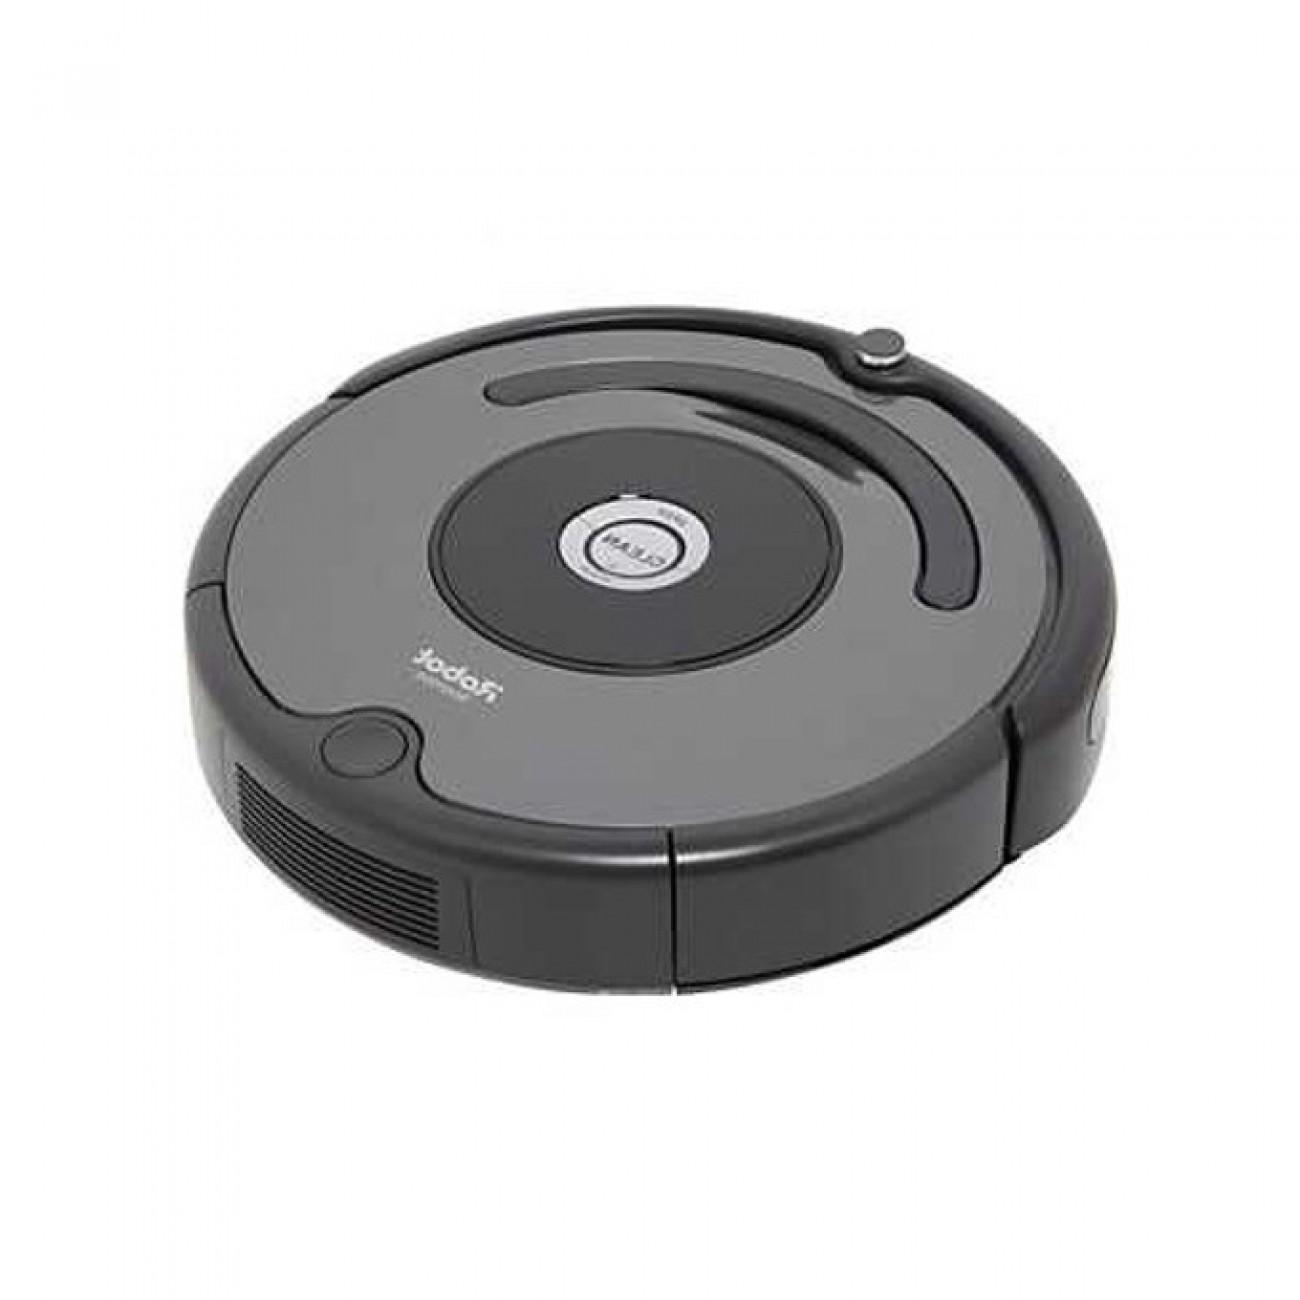 Прахосмукачка IRobot Roomba 676, робот, безжична, за площ до 100 кв.м, AeroVac® Филтър, отложен старт, черна